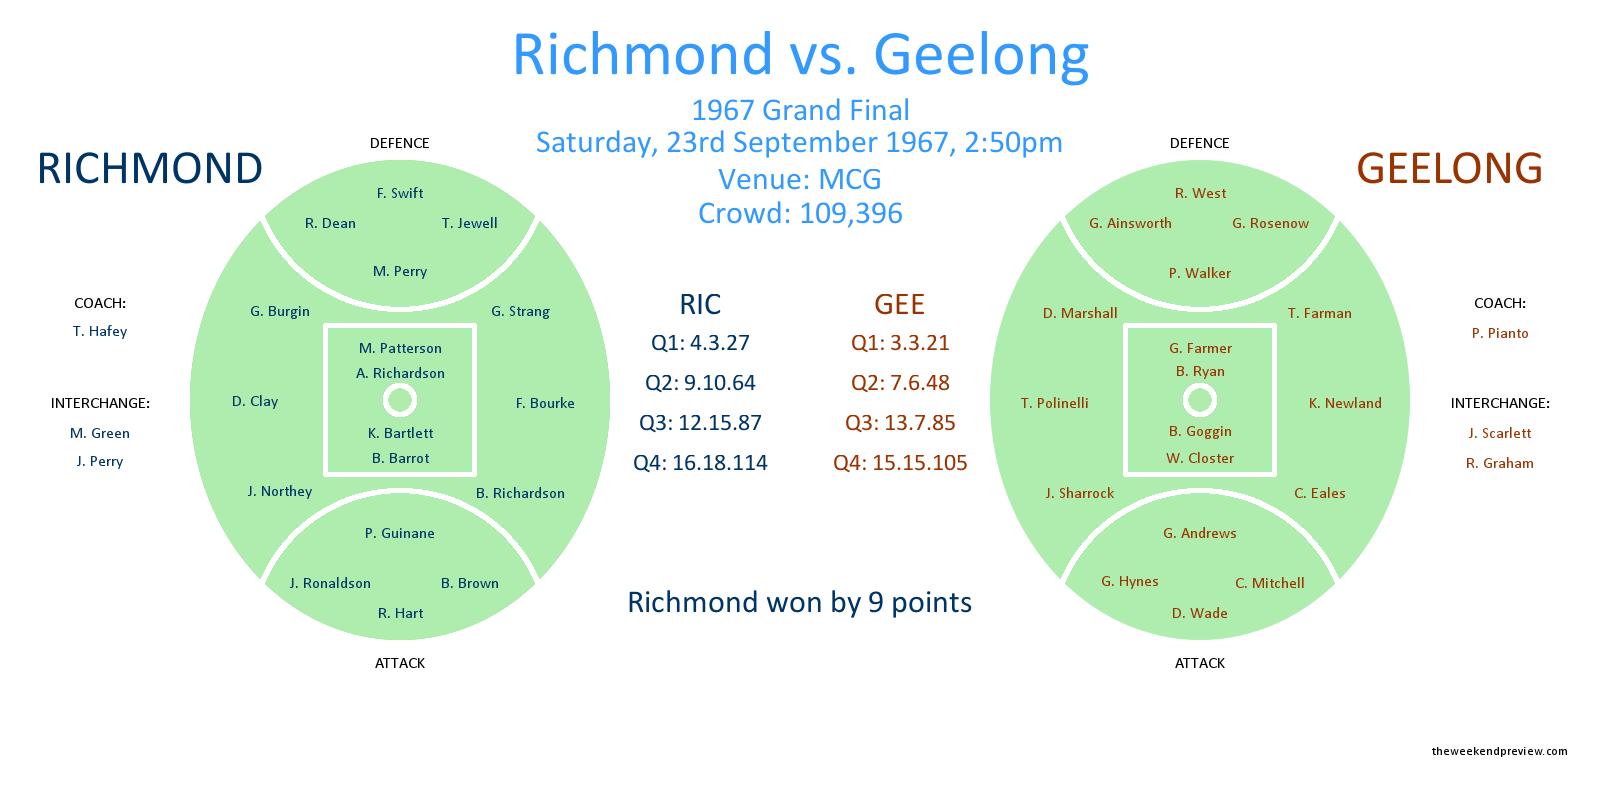 Figure-1: Richmond vs. Geelong, 1967 Grand Final